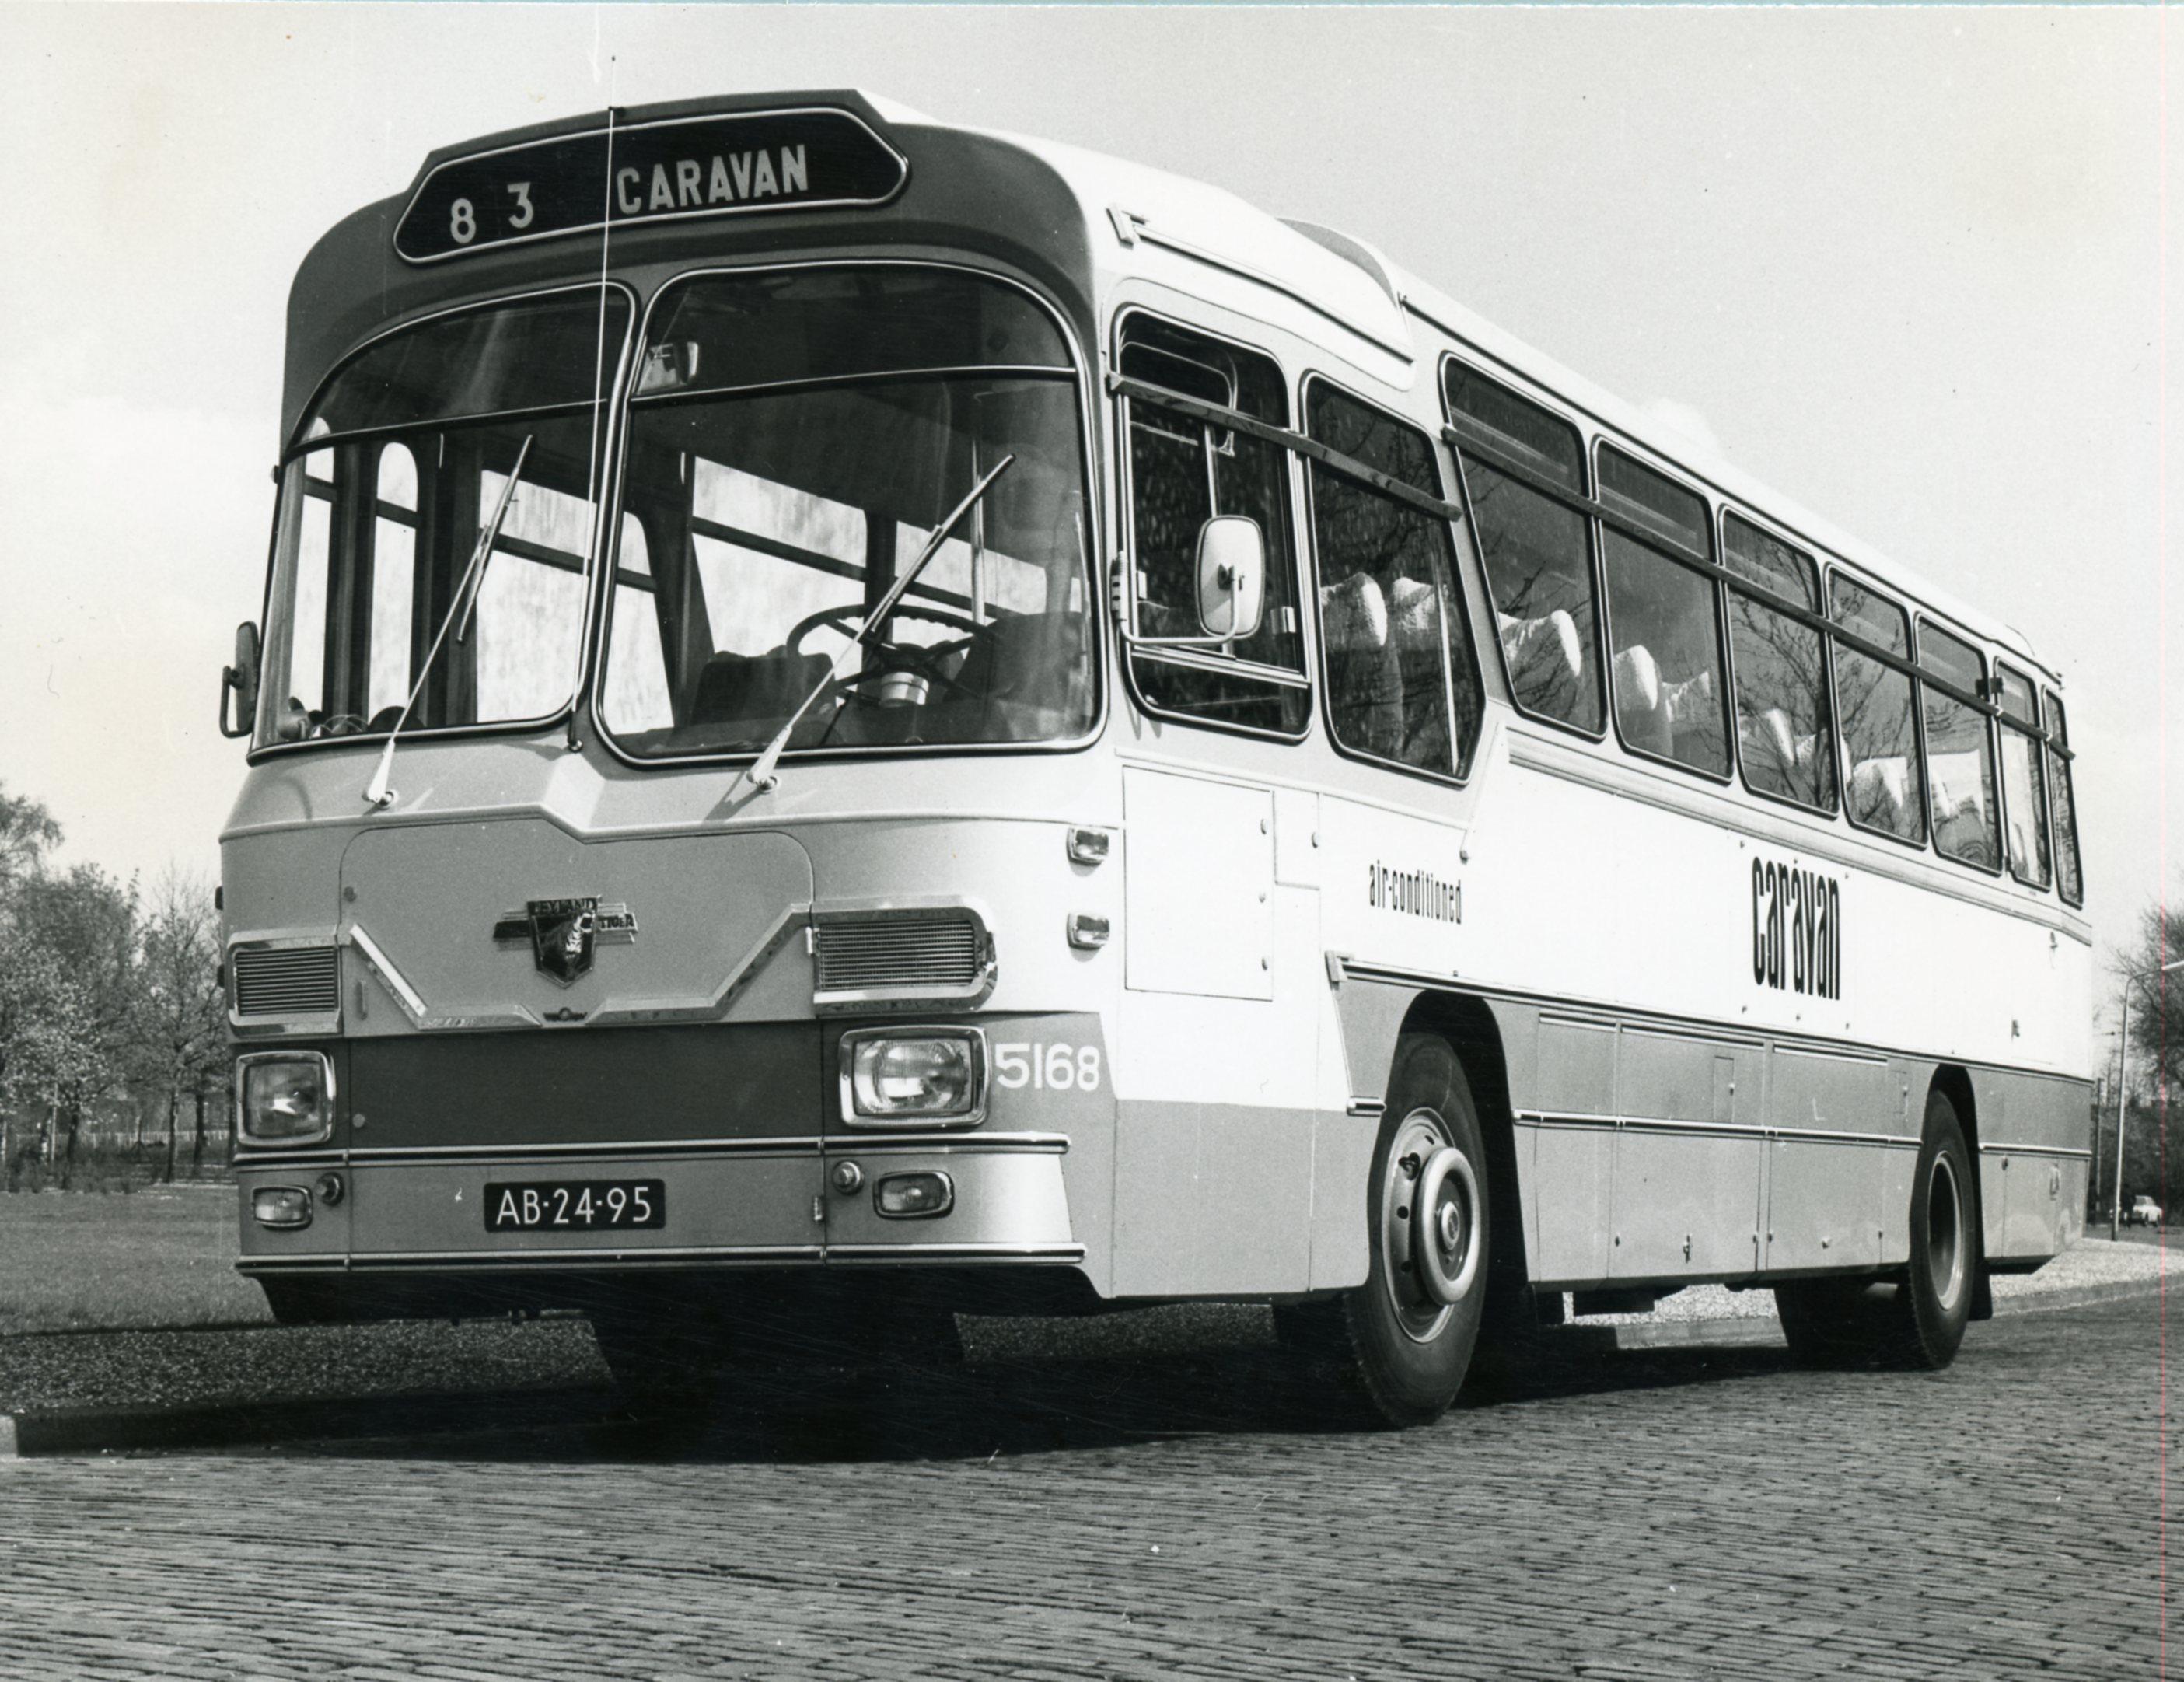 5168-AB2495-1965Caravan